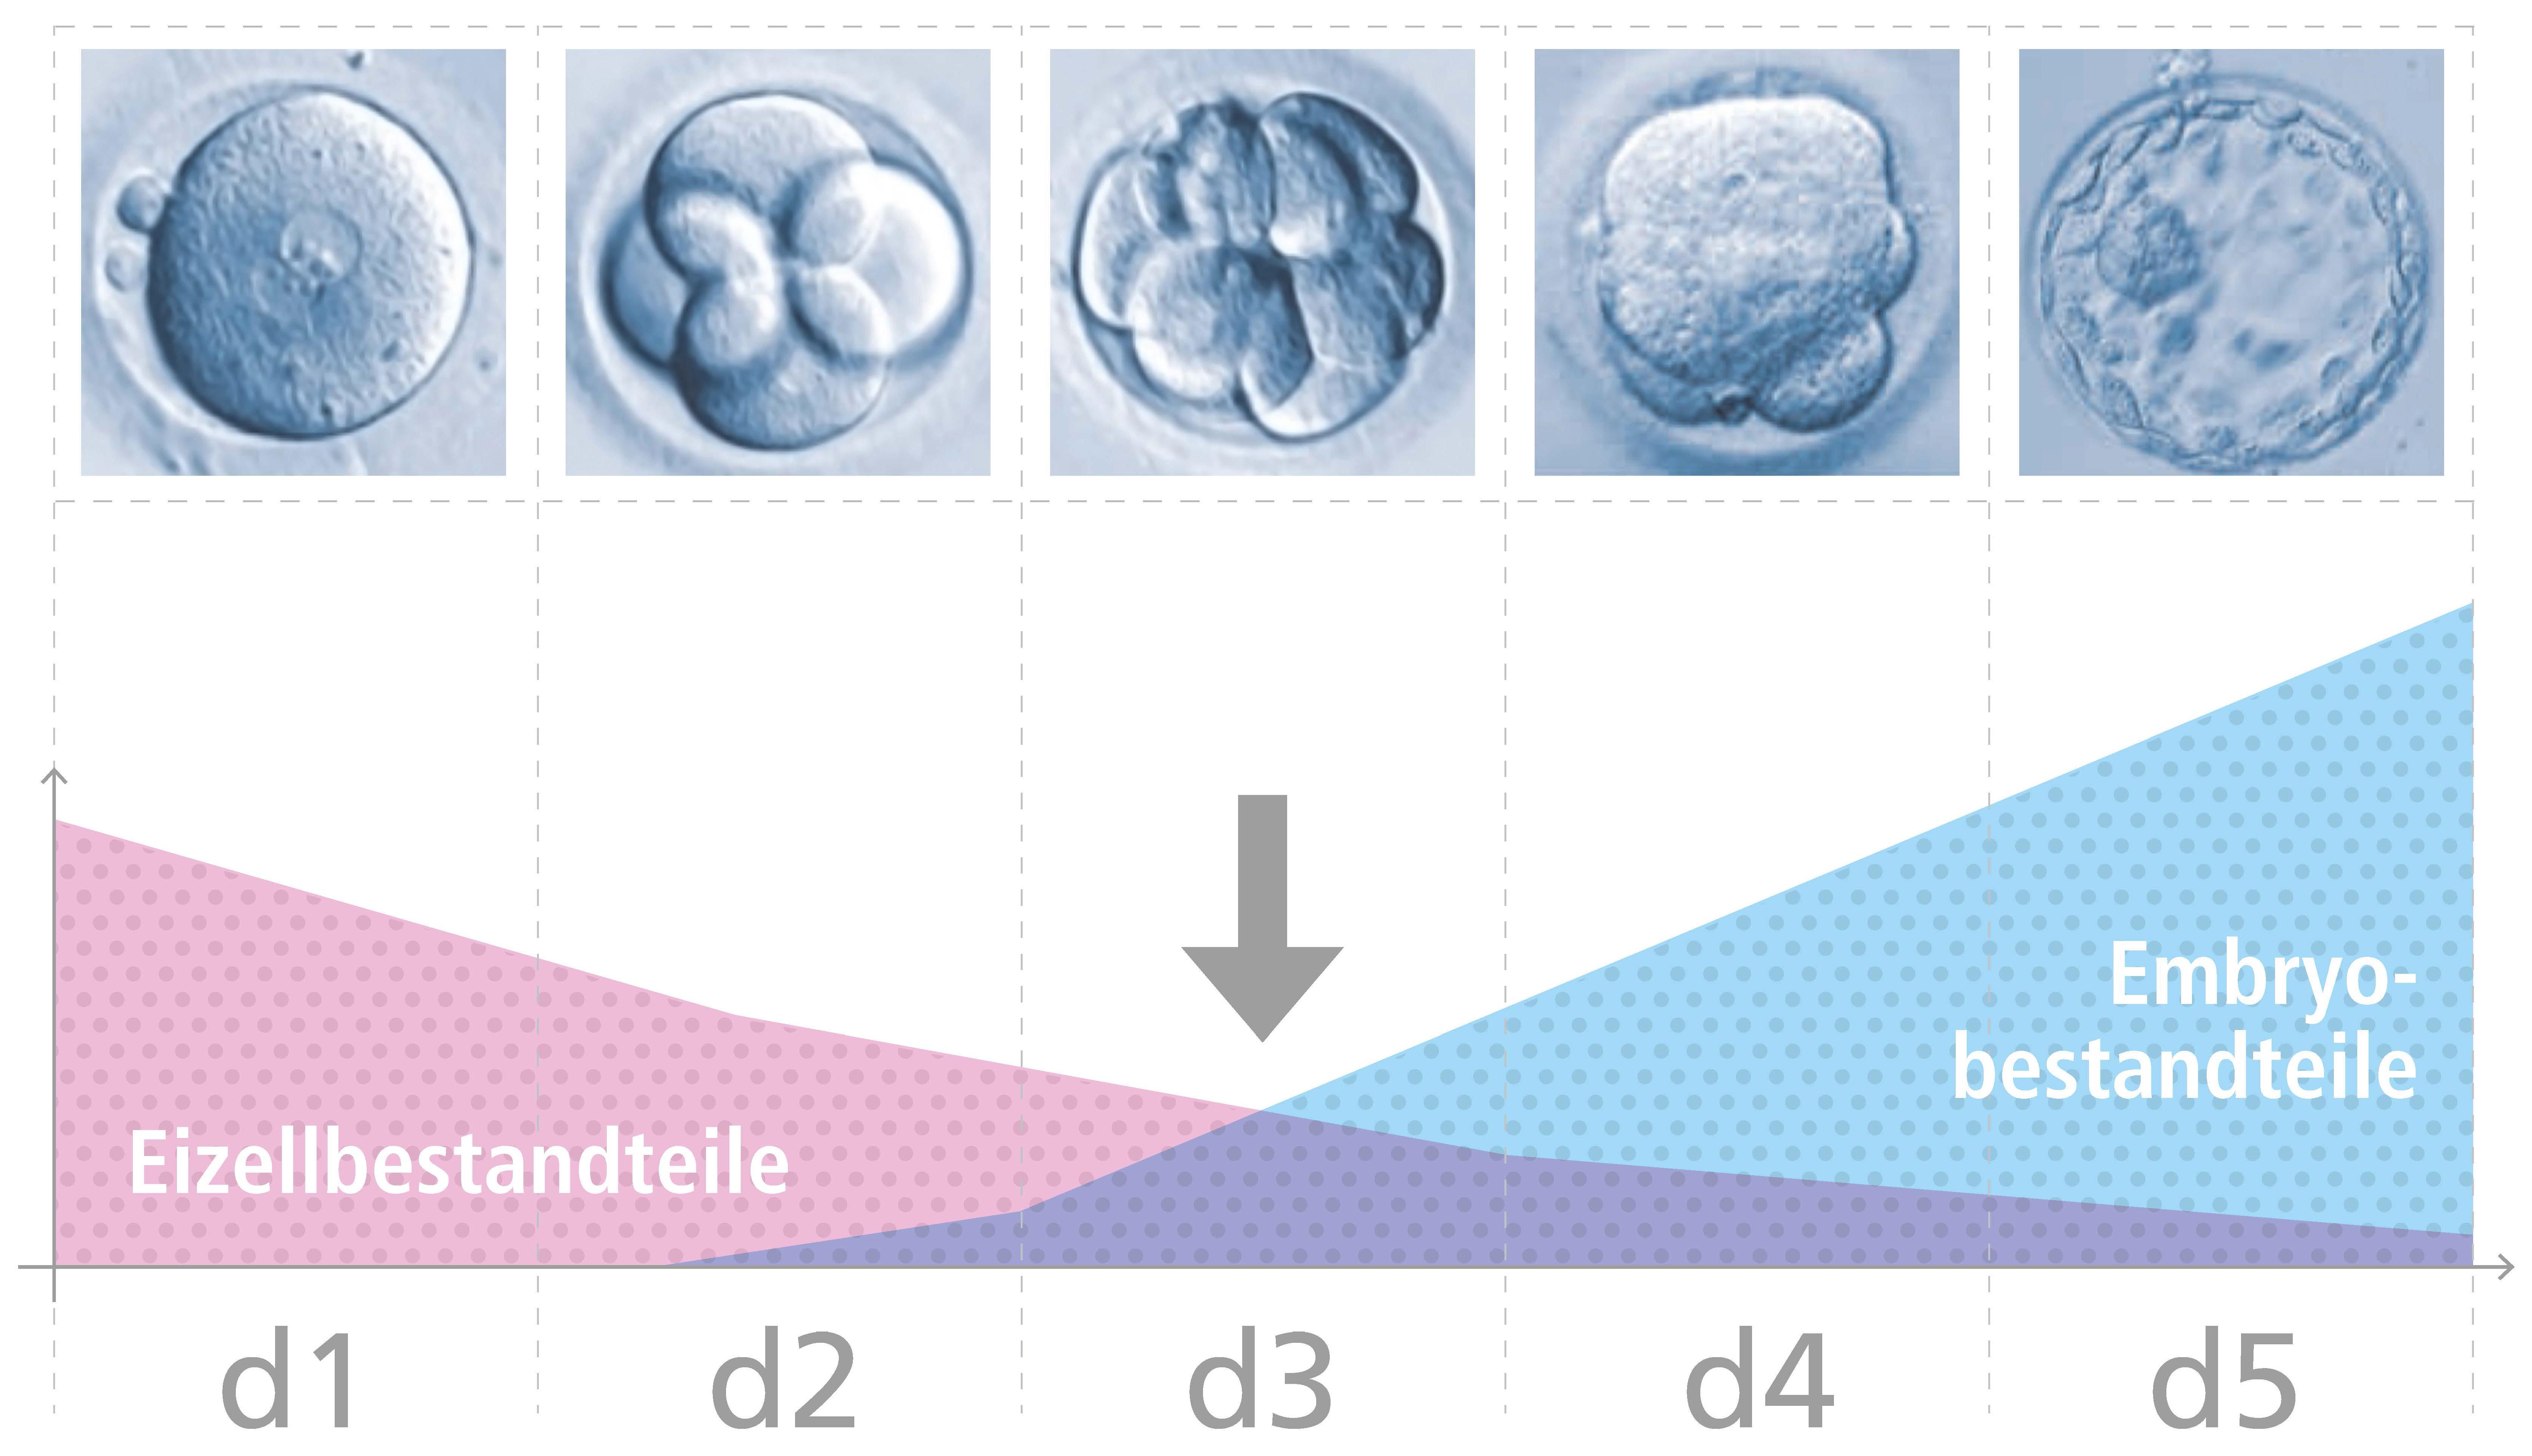 Grafische Darstellung der Transkriptionsaktivität während der Embryonalentwicklung │ © 2019 IVF Zentren Prof. Zech • Member of NEXTCLINICS